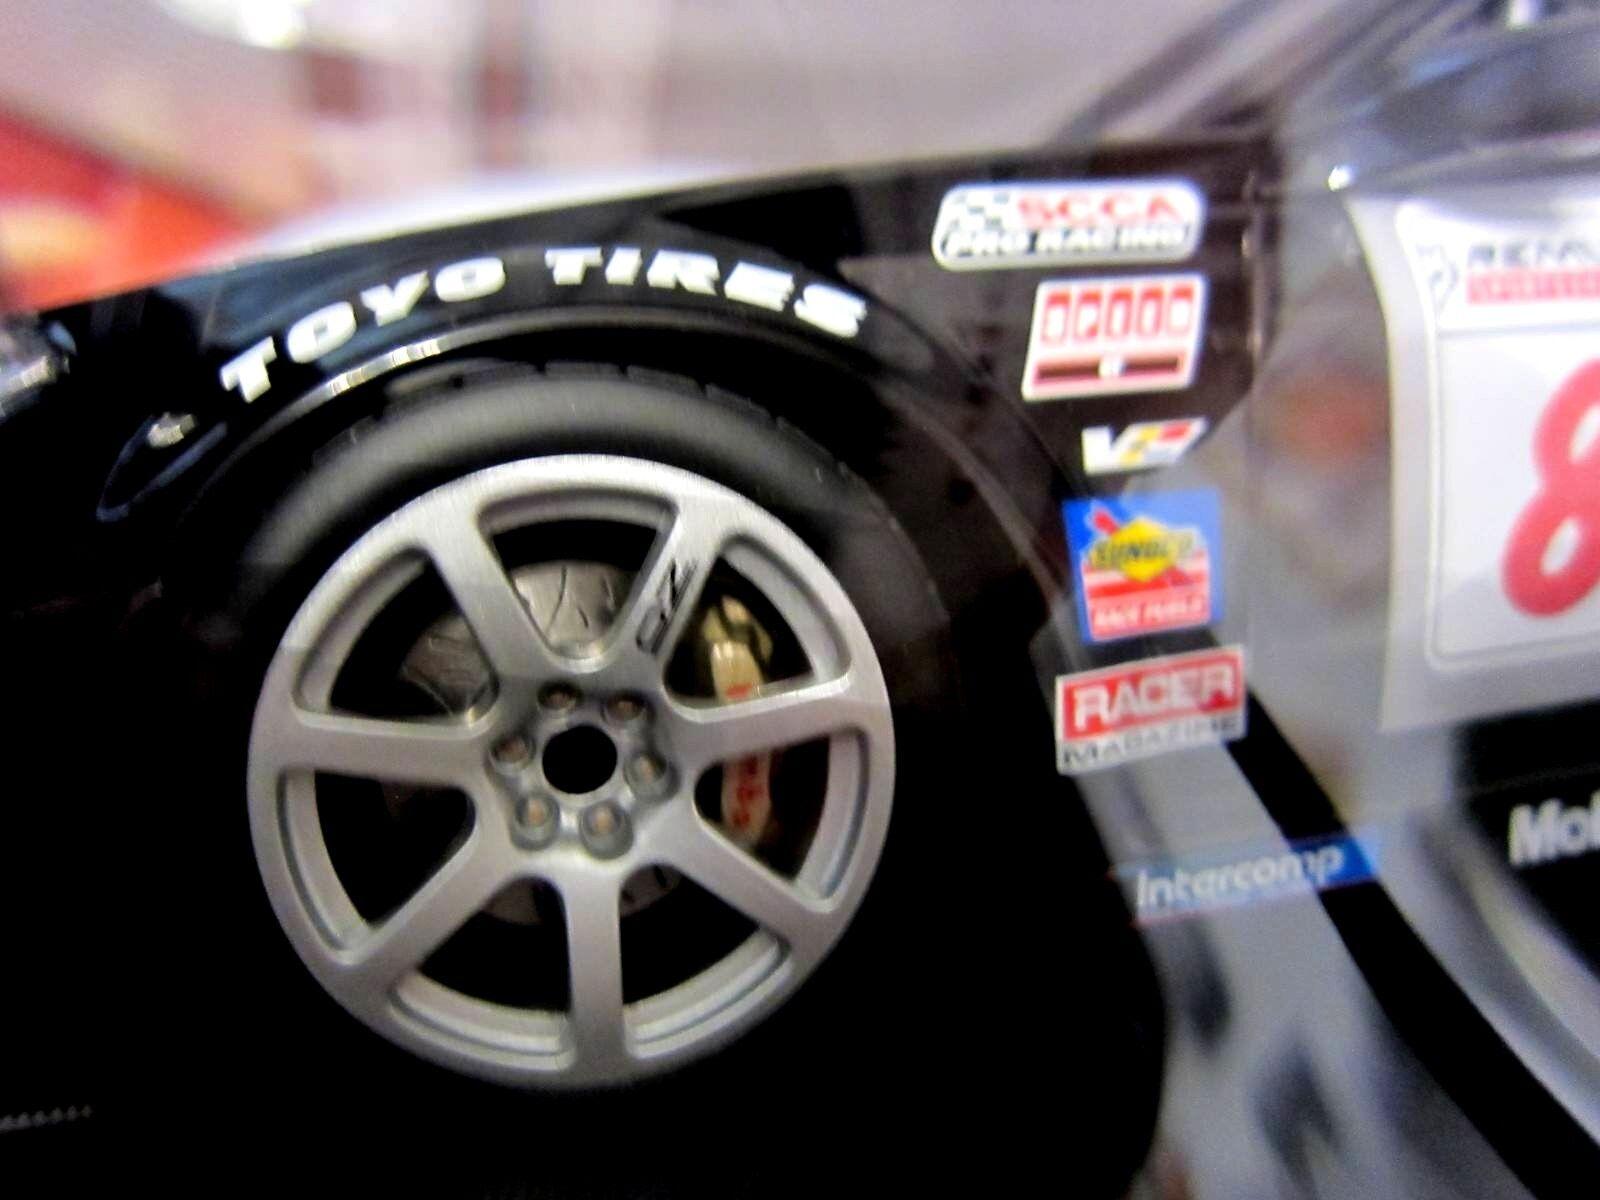 Modellauto 1 1 1 18 Sportwagen Cadillac GTS-V Challenge 2004 Cast Metall v Auto Art  | Bekannt für seine hervorragende Qualität  ff53dc